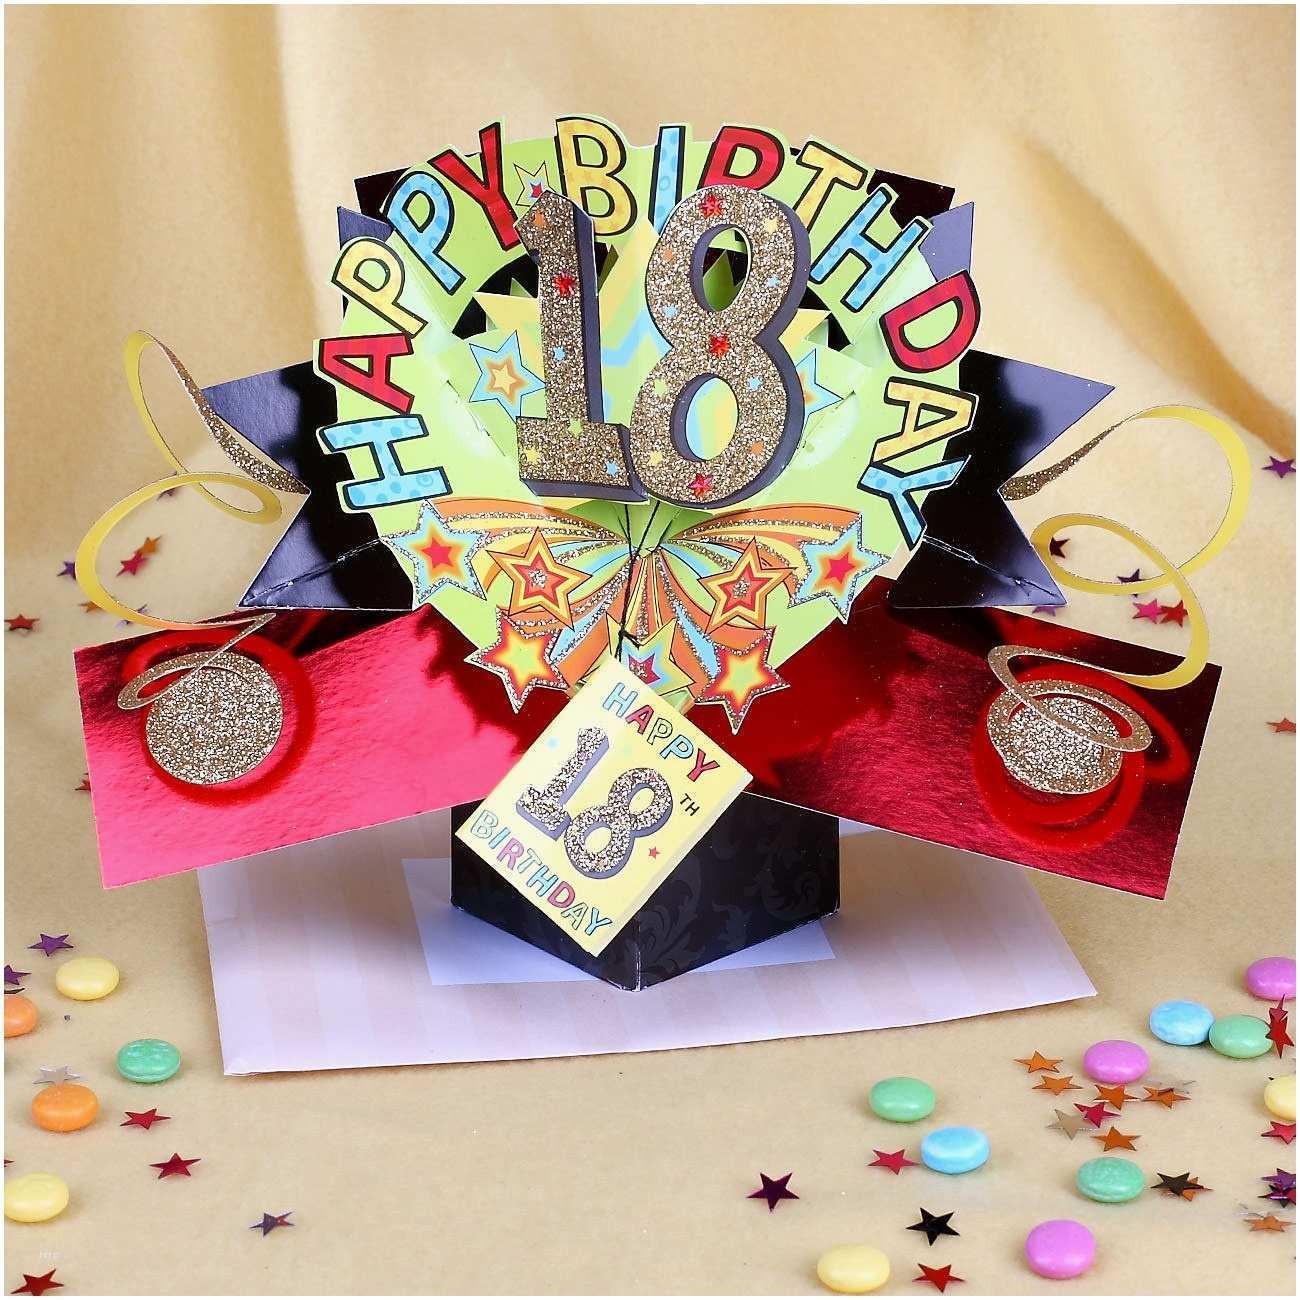 Geburtstagsgeschenke Für Jungs  32 Luxus Geldgeschenke Zum 18 Geburtstag Für Jungs Bilder